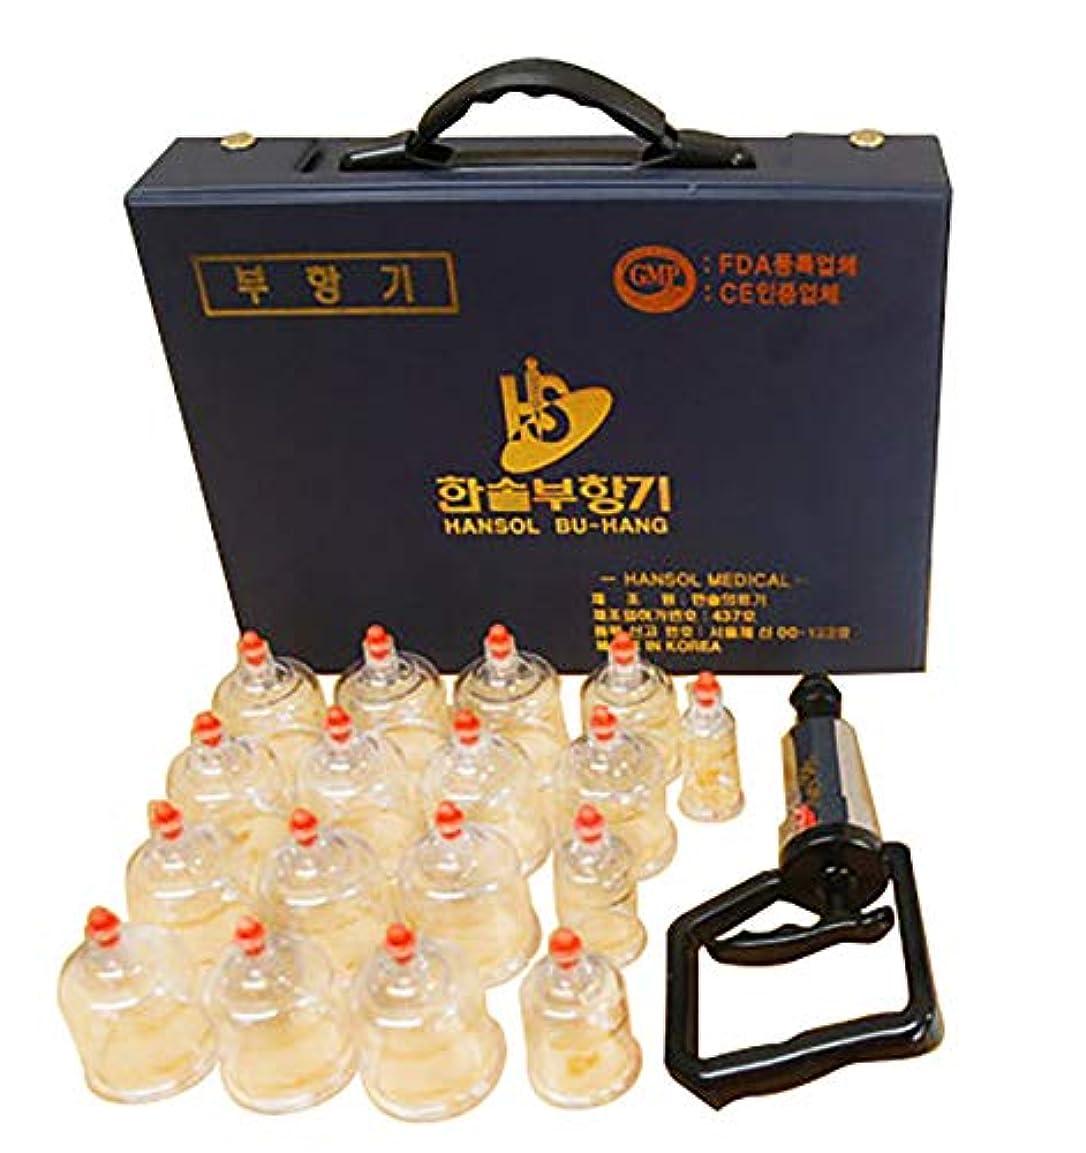 罪人どっちプラットフォーム中国四千年の健康法「吸玉」がご家庭で手軽にできる!ハンソルメディカル ブハン カッピングカップ17個セット